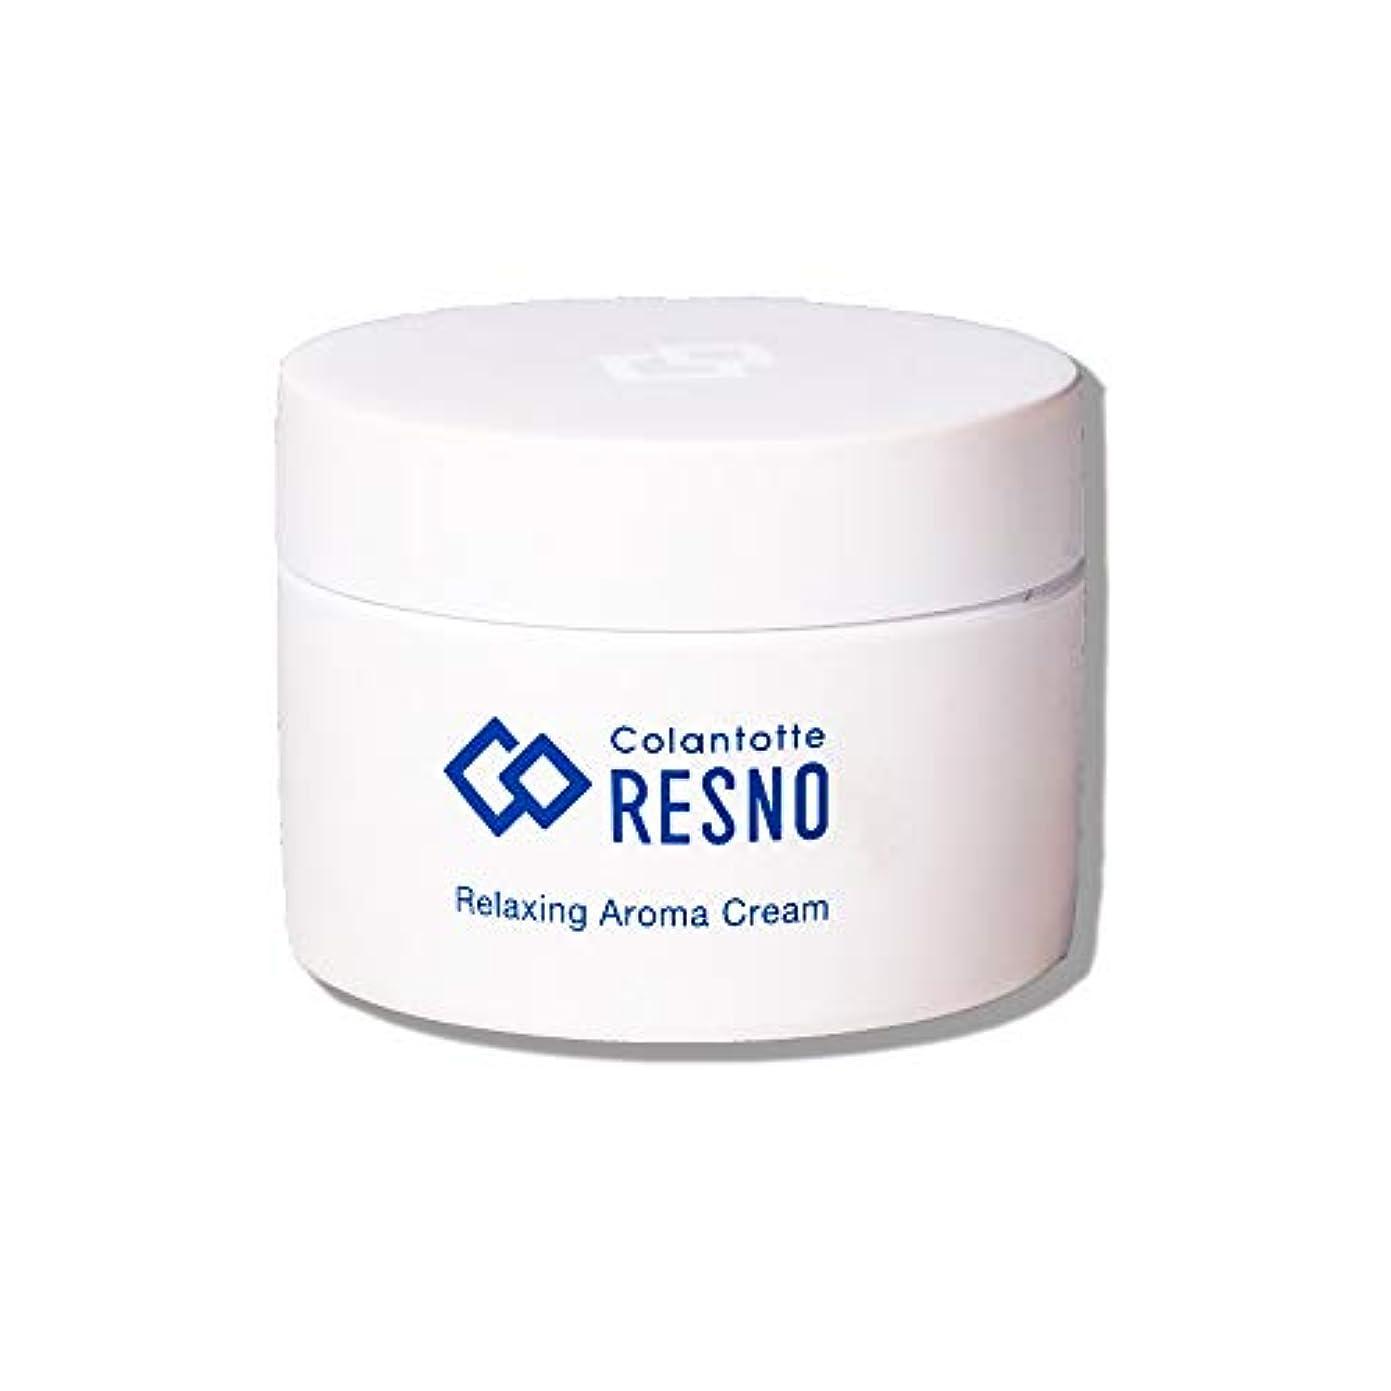 会社統合する争うコラントッテ RESNO リラクシング アロマ クリーム 50g colantotte RELAXING AROMA CREAM ボディクリーム